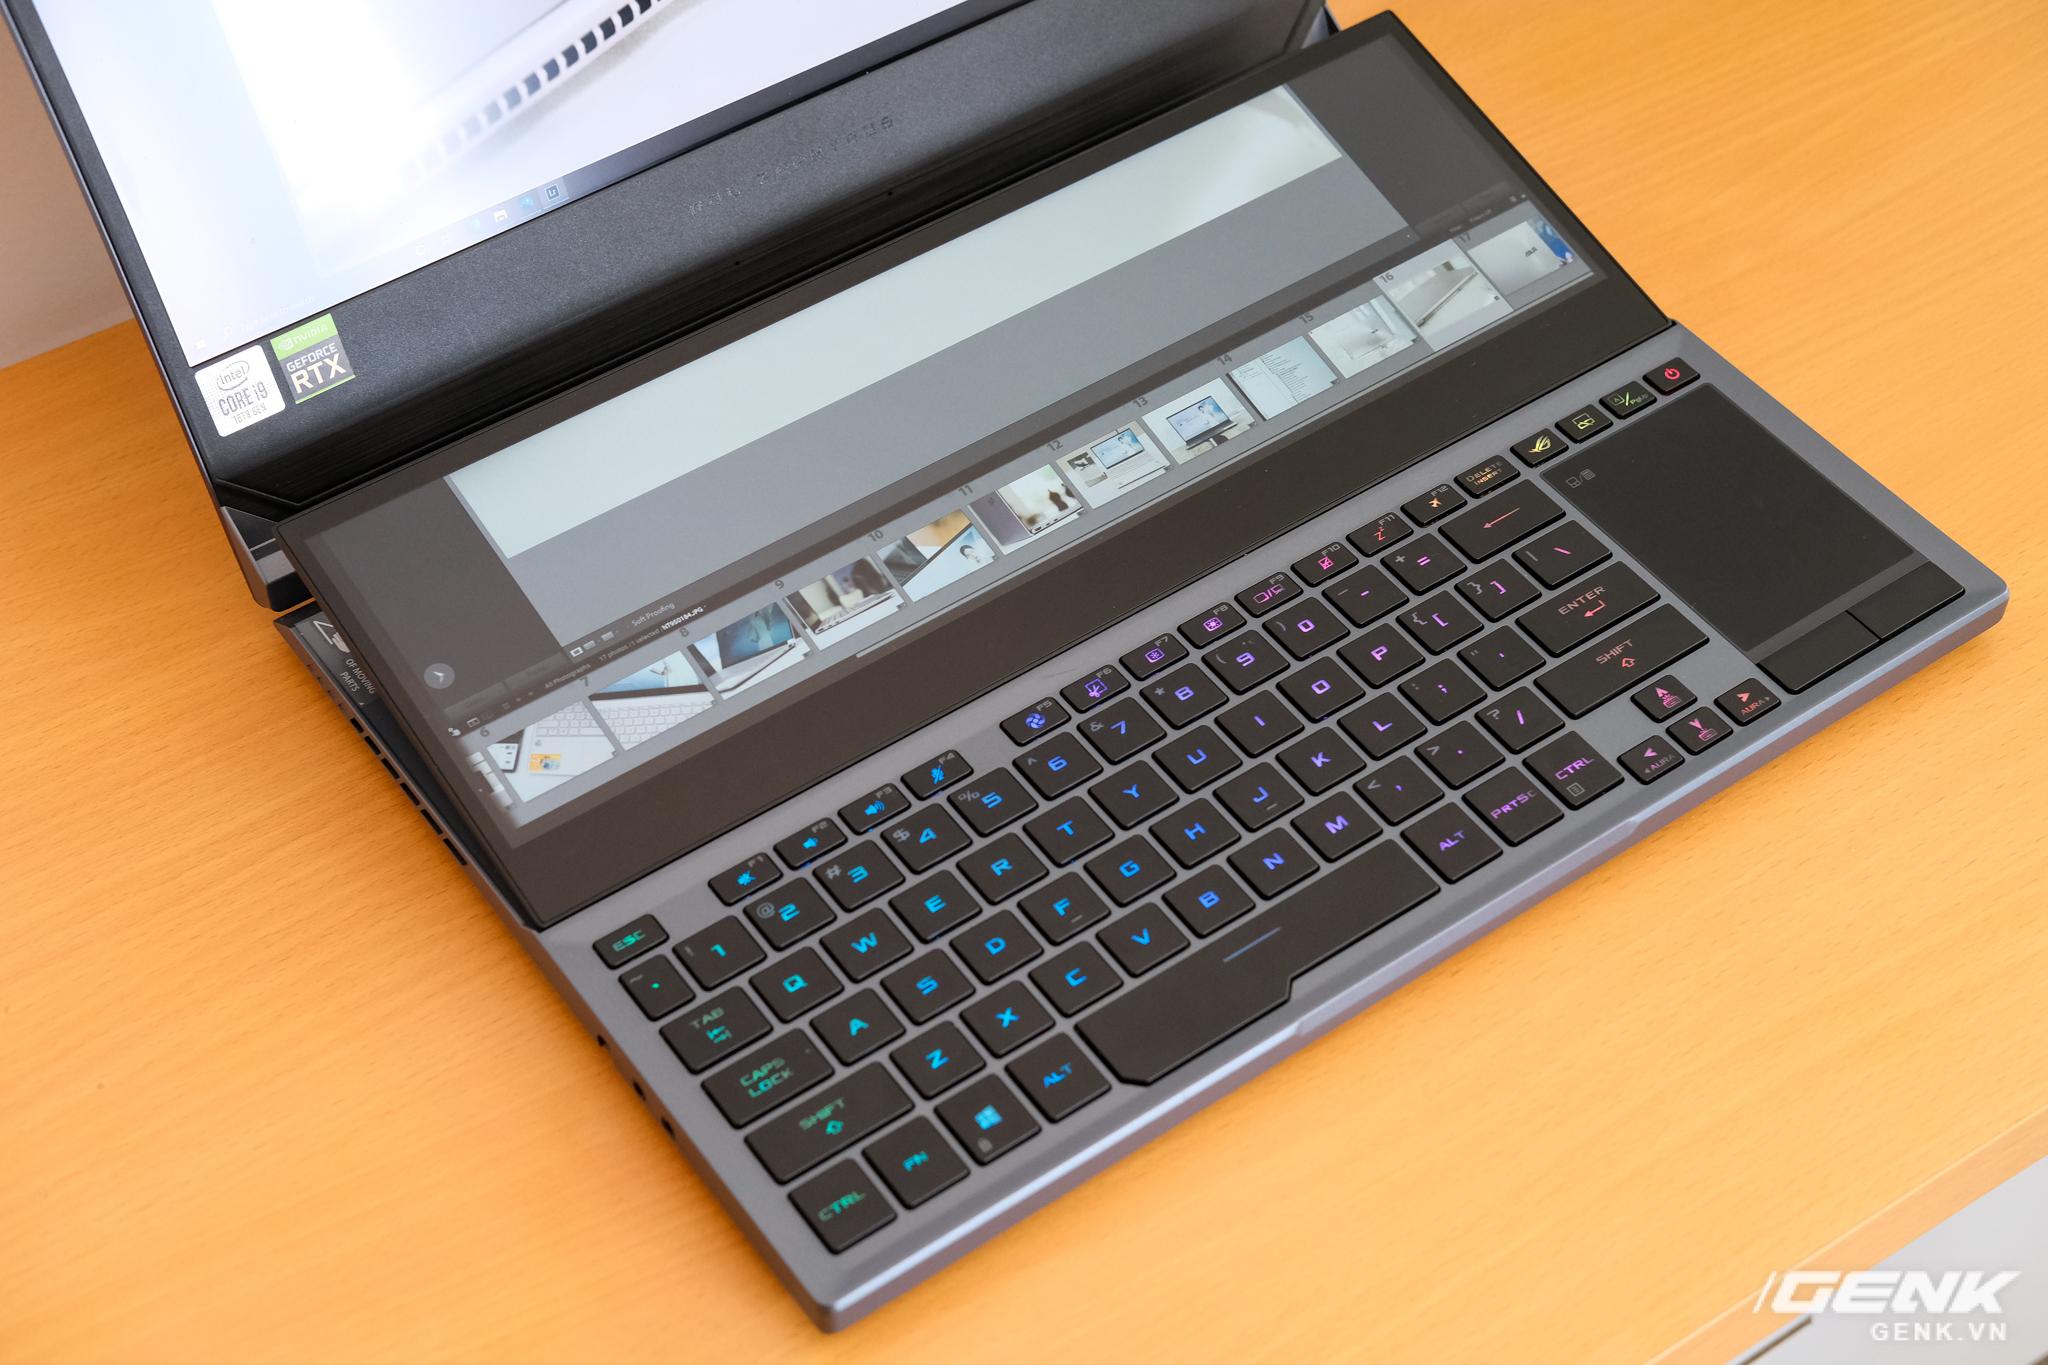 Cận cảnh laptop hai màn hình ROG Zephyrus Duo 15: Không gian hiển thị 2 x 4K đã mắt, cấu hình khủng long, chơi game đã hơn, giá cũng hoảng hơn - Ảnh 4.